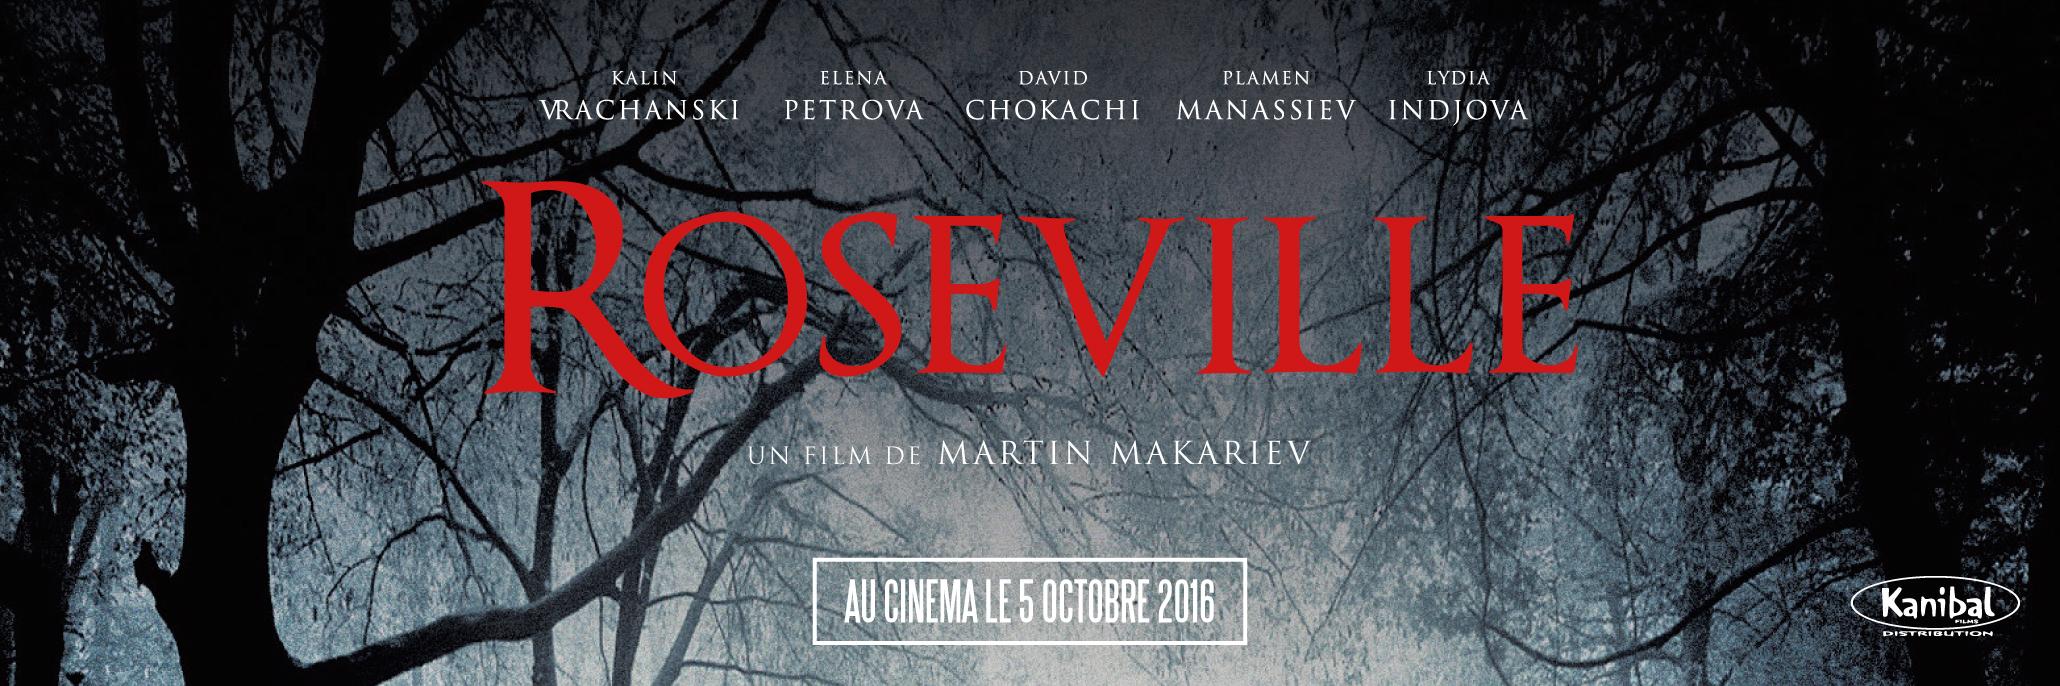 Roseville_SiteWeb_1030x343_RVB